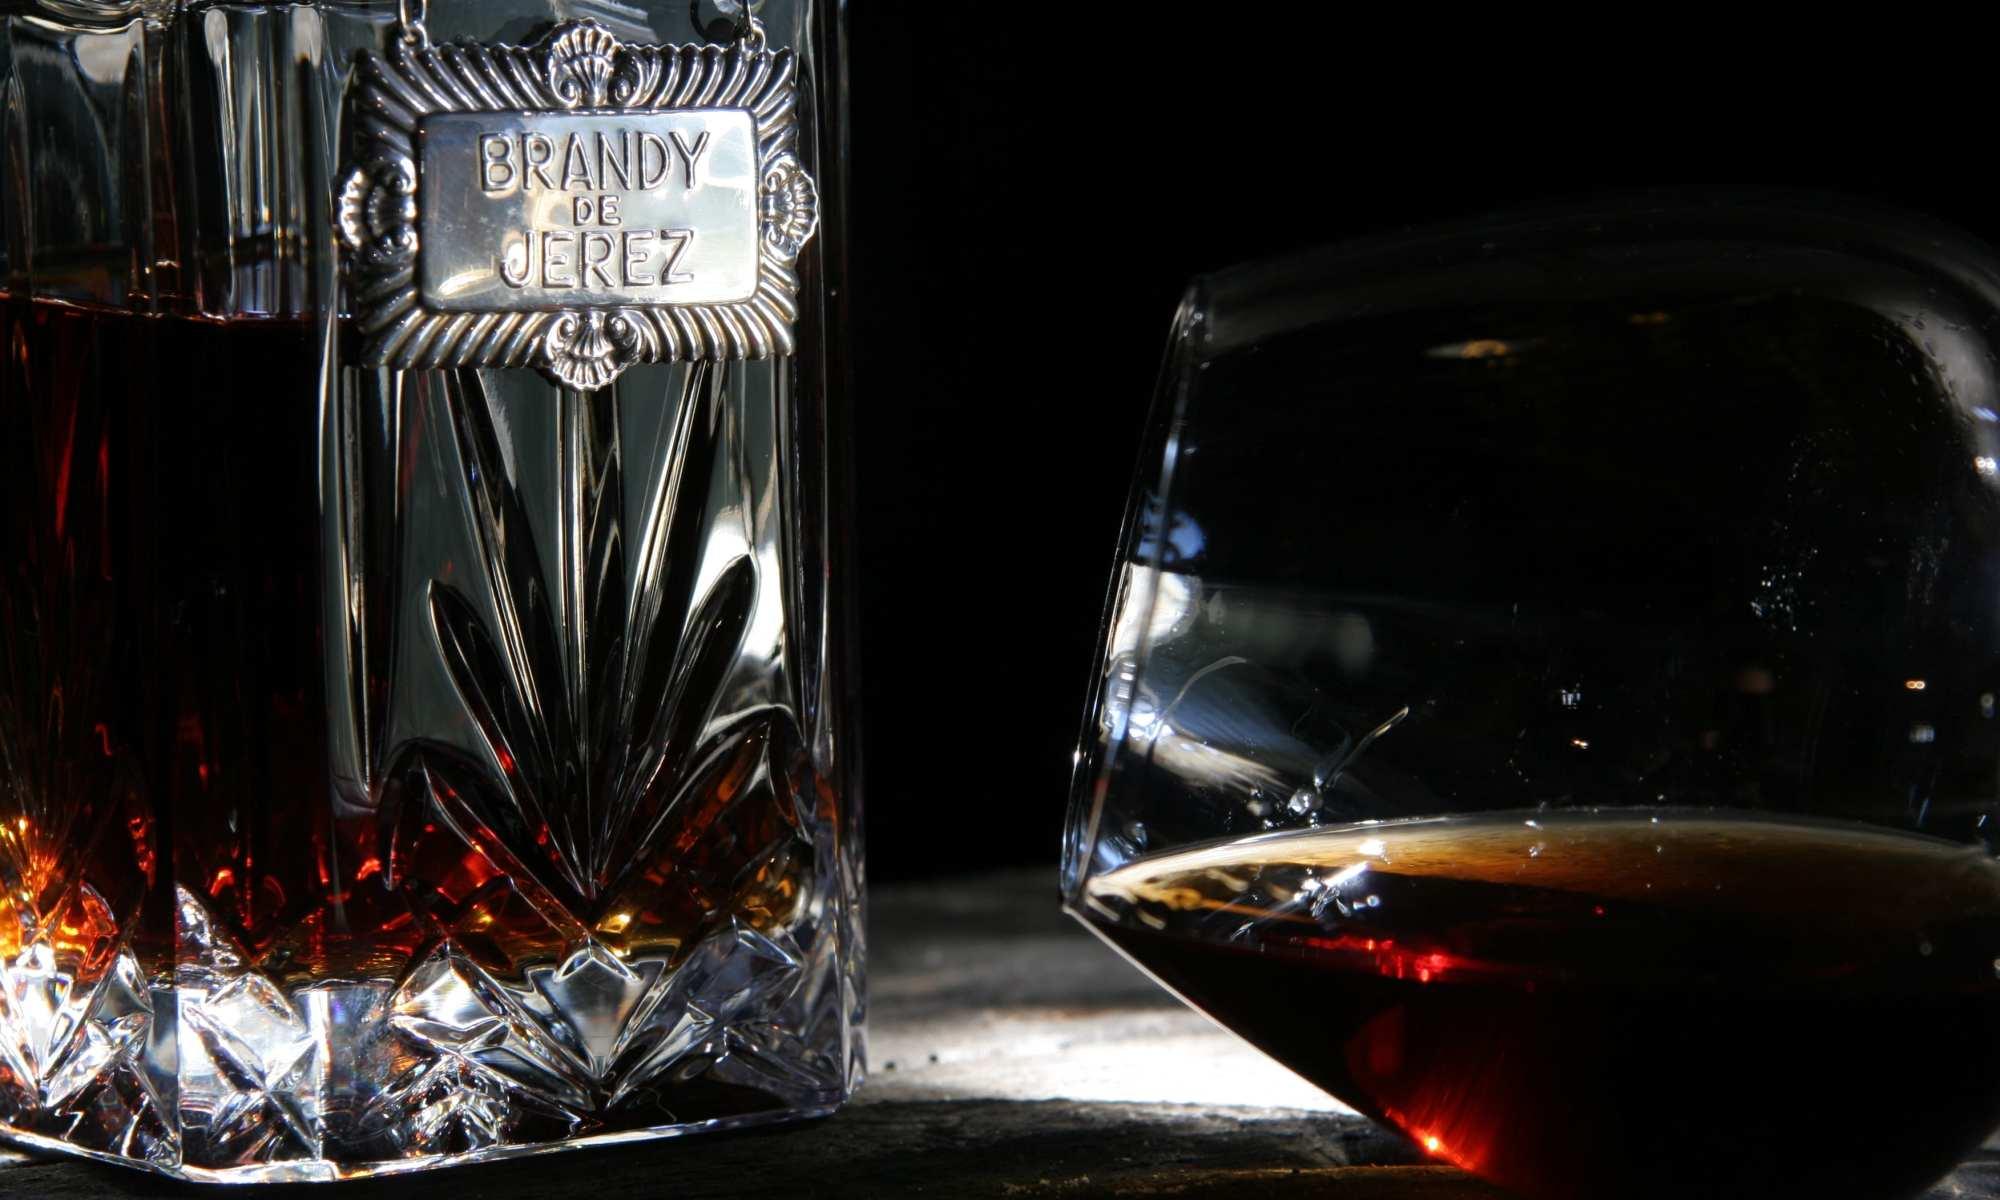 Brandy de Jerez serve